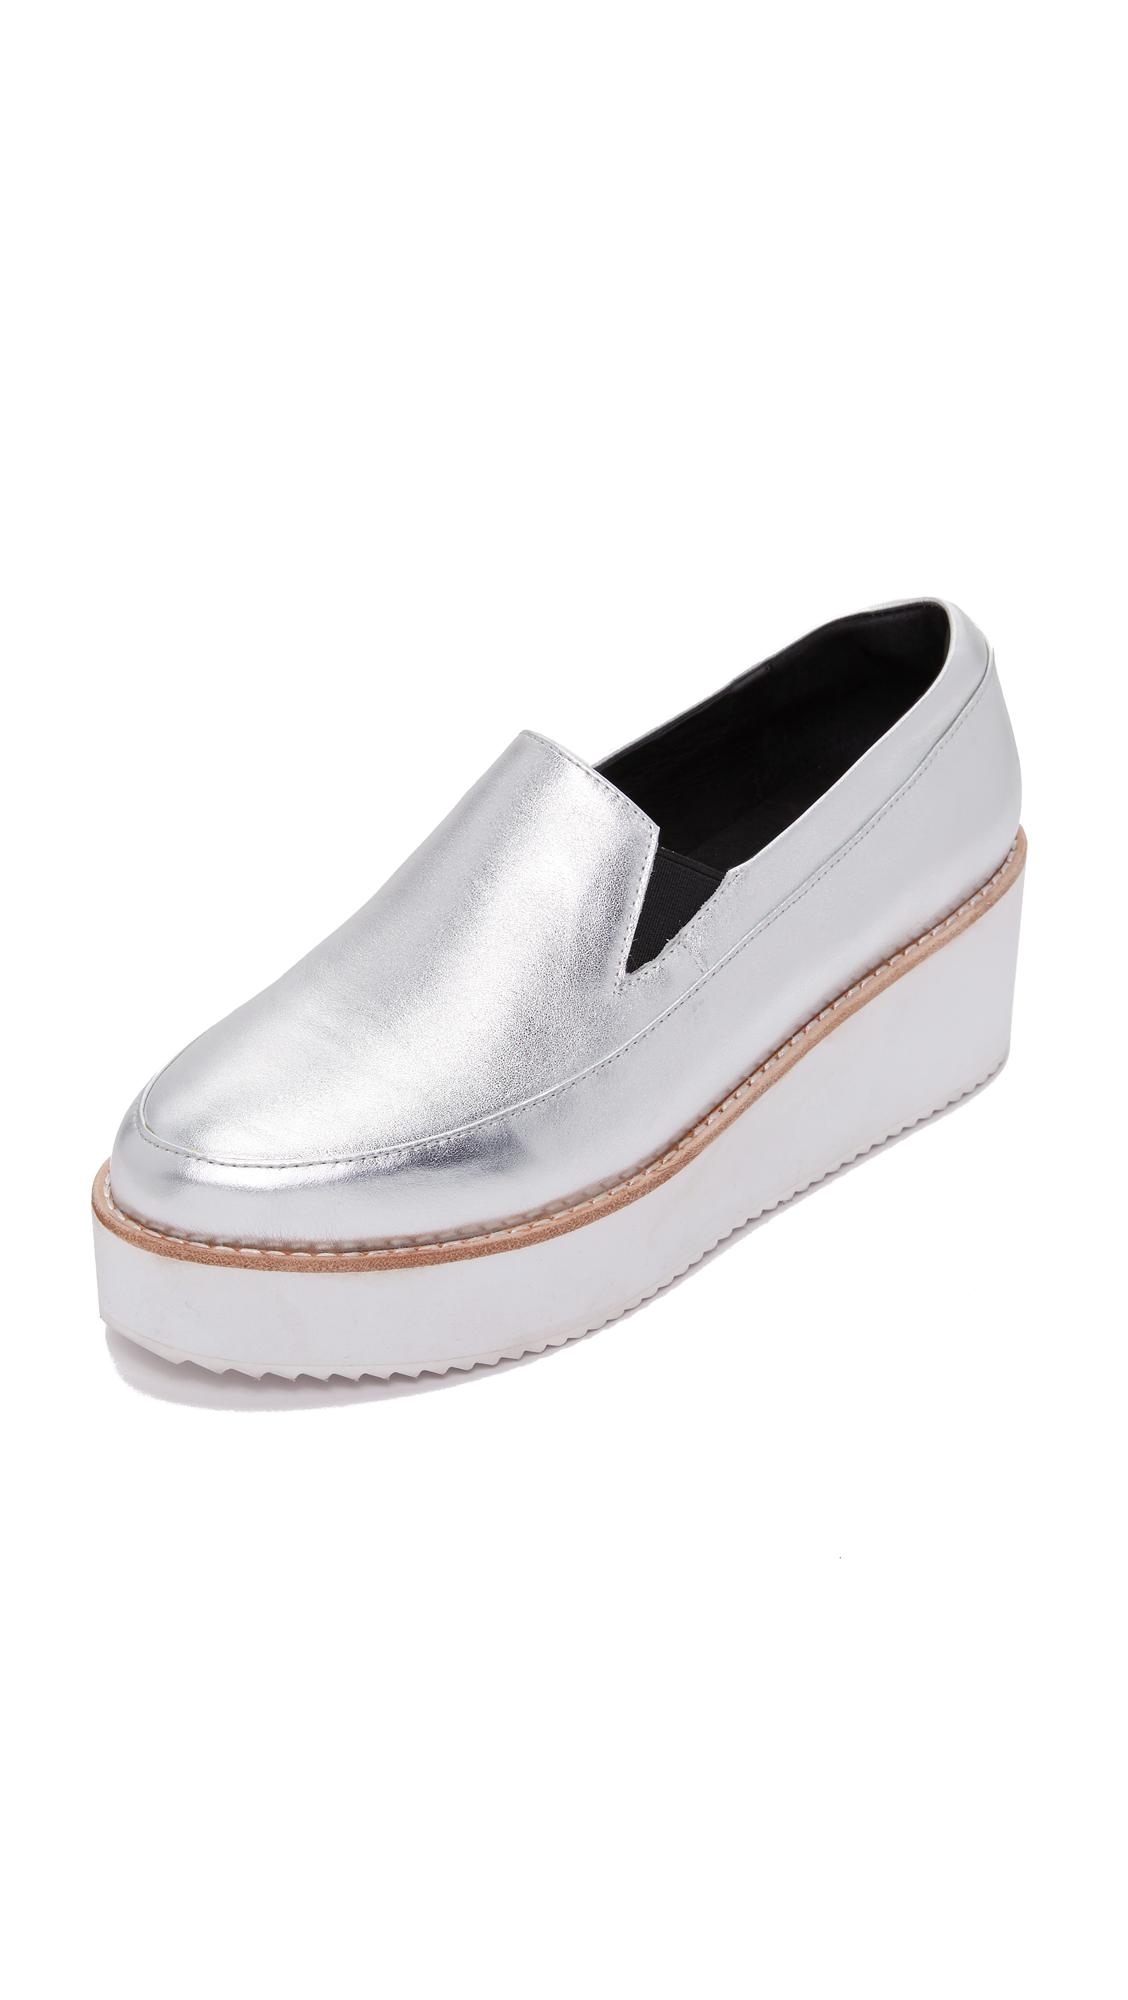 sol sana female sol sana tabbie loafers silver